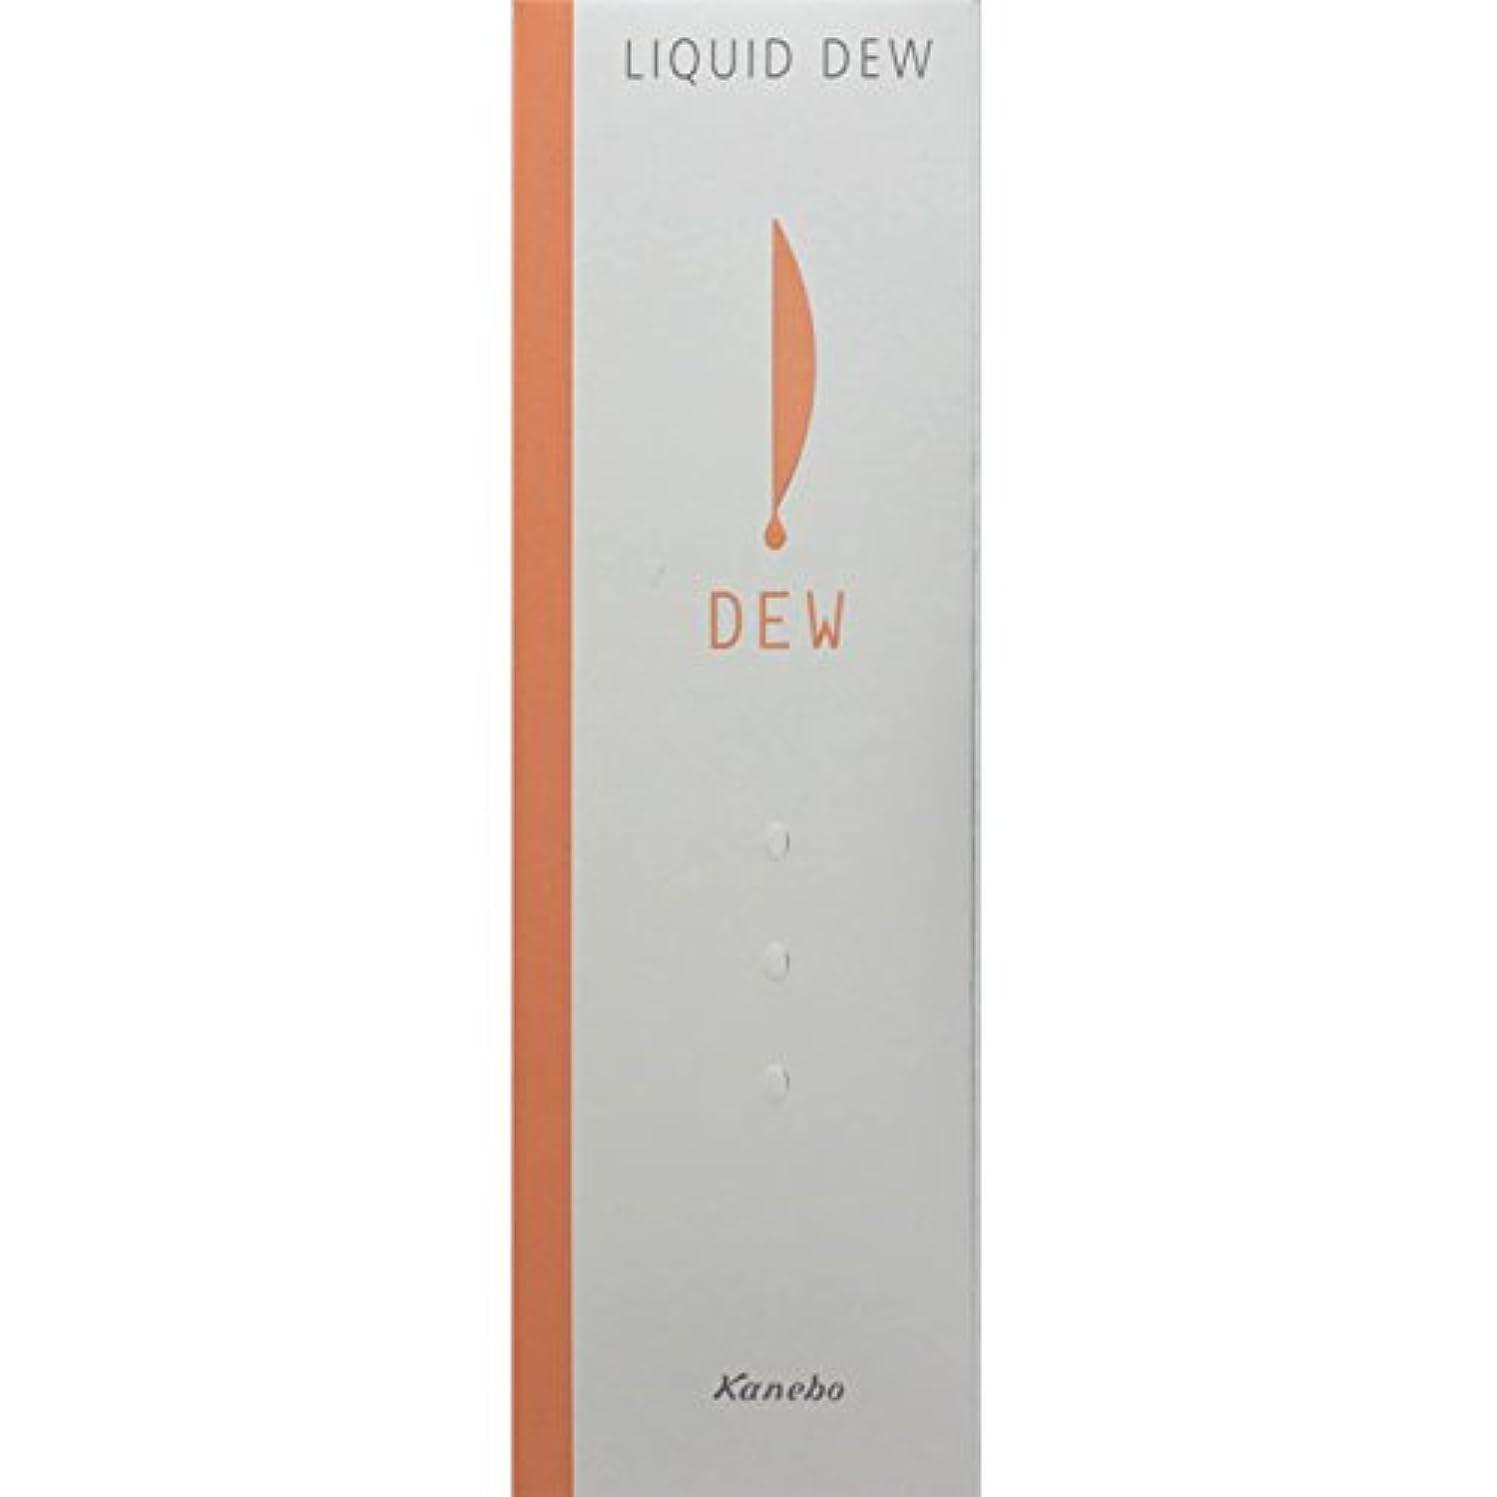 麦芽フライカイト加入カネボウ化粧品 DEW リクイドデュウ ソフトオークルA